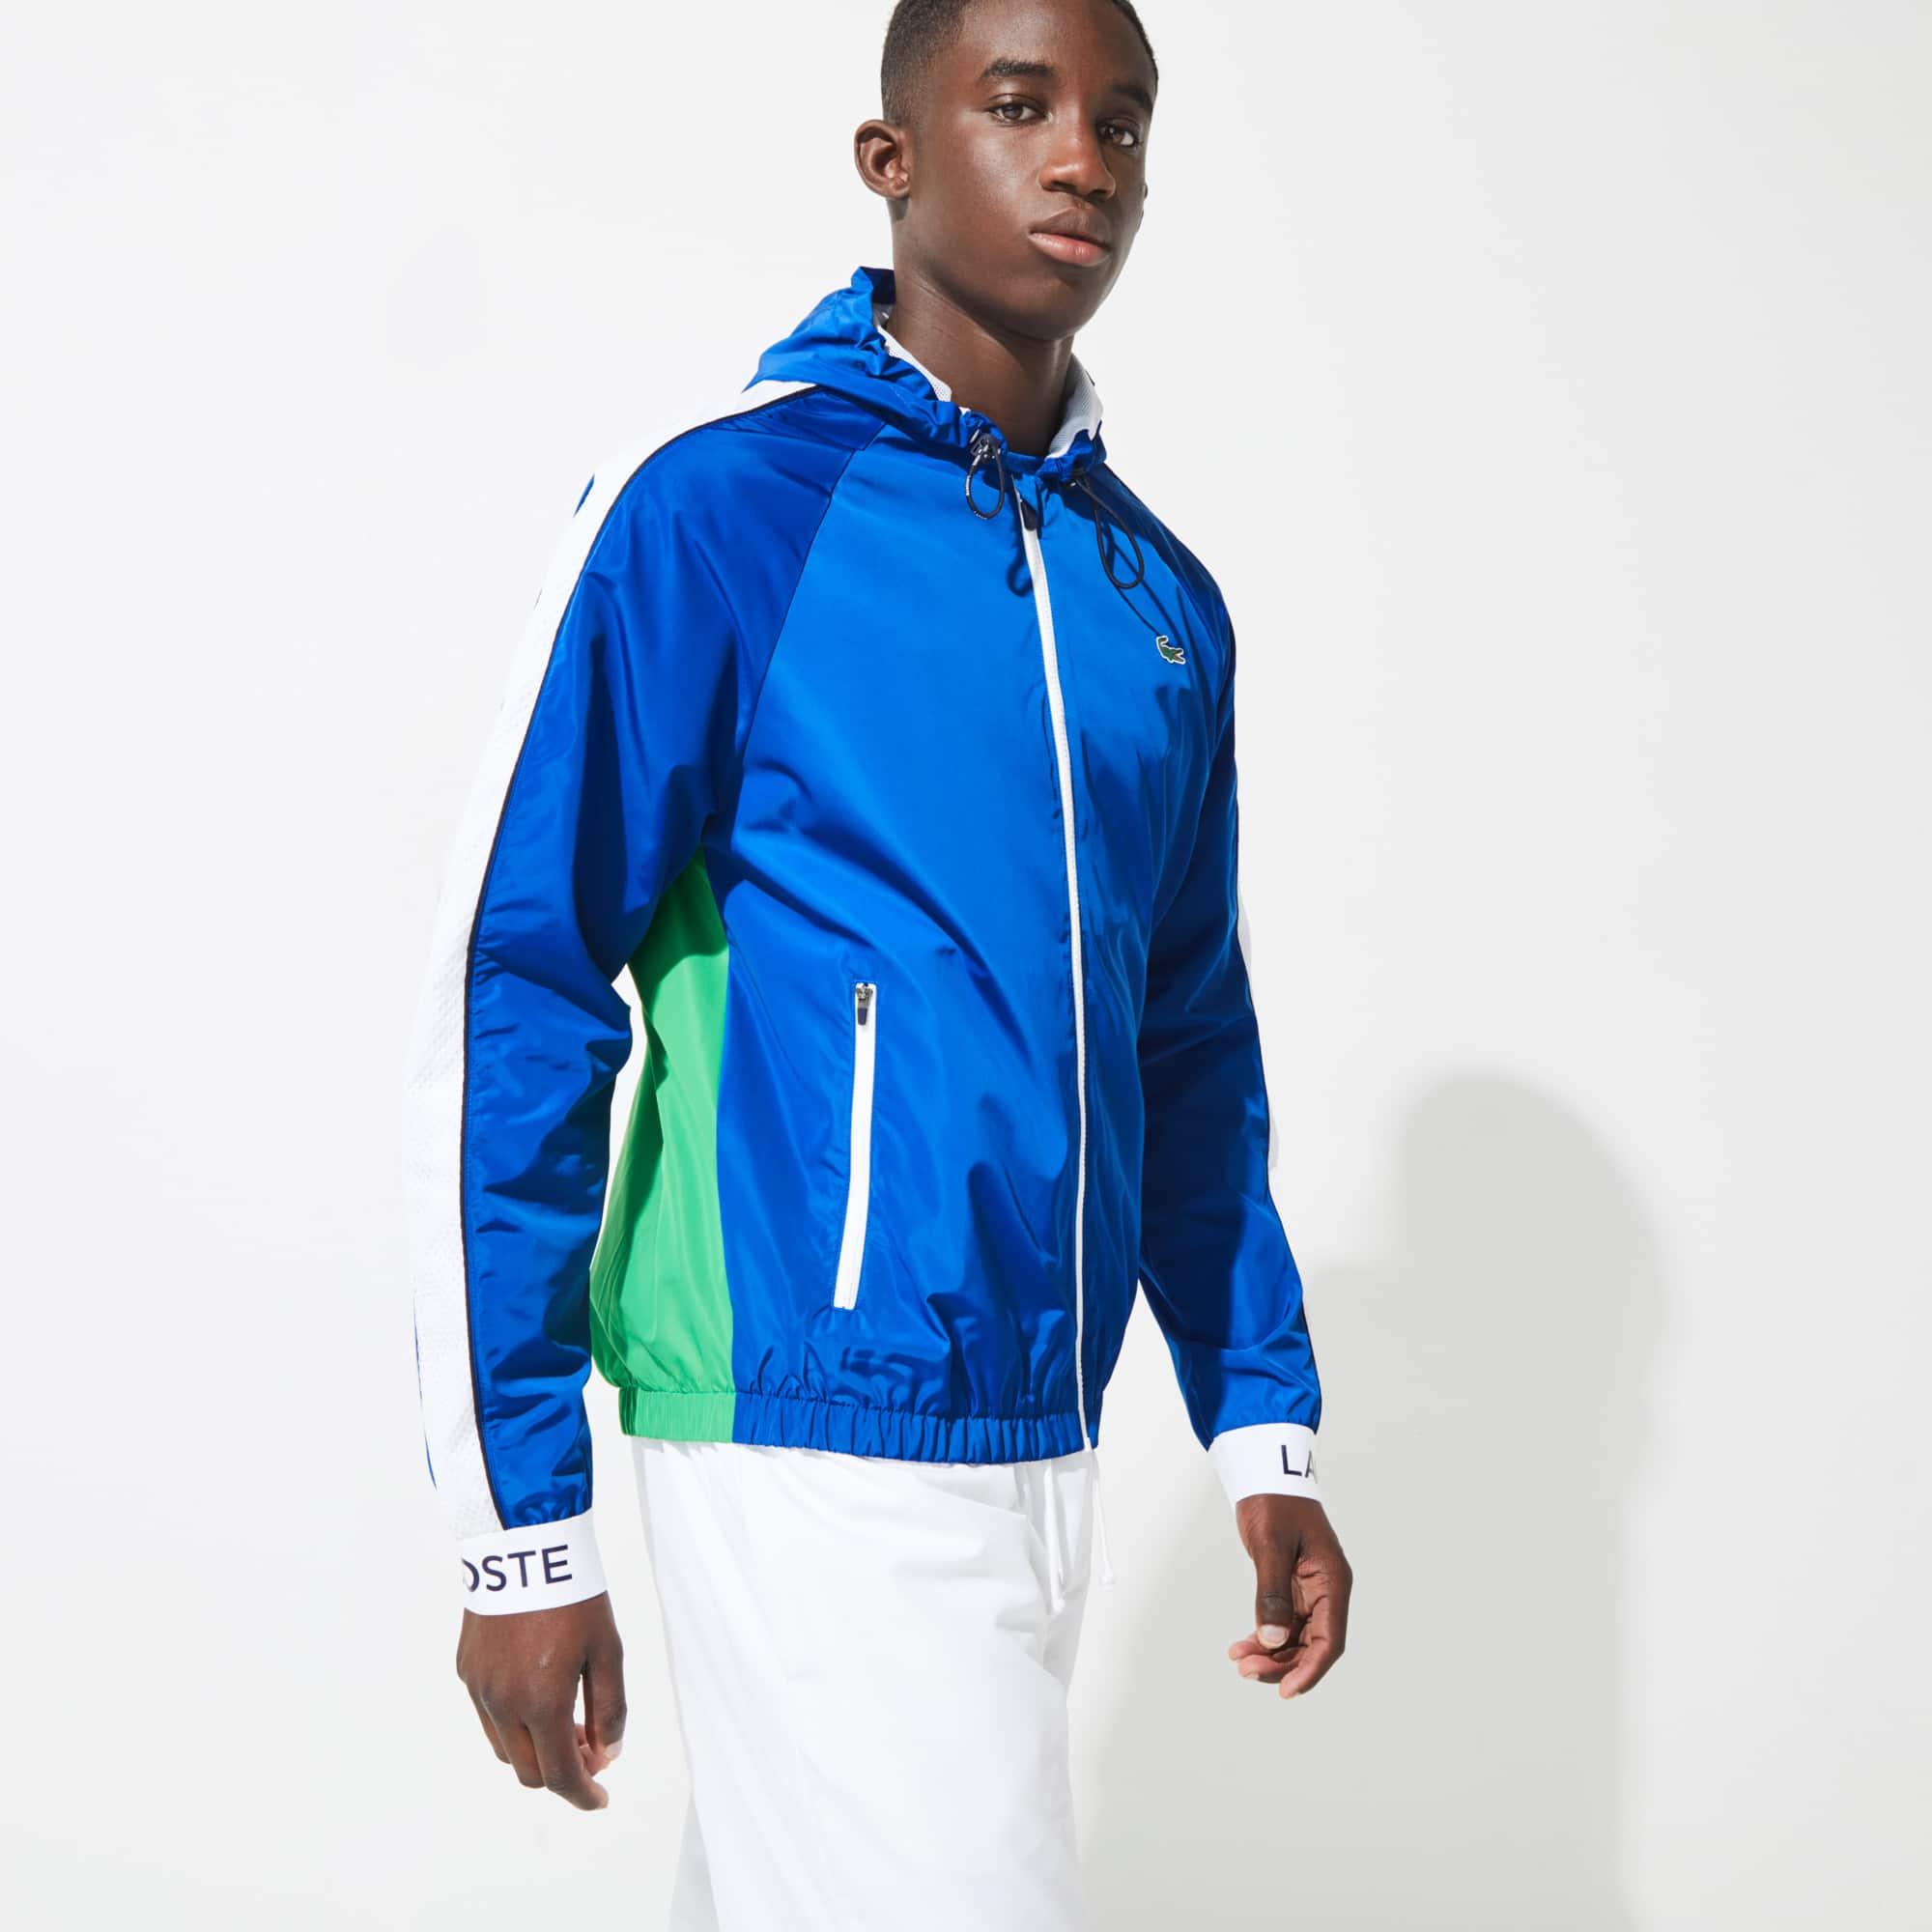 라코스테 Lacoste Men's SPORT Lightweight Colorblock Tennis Windbreaker,Blue / Green / White / Navy Blue 32C